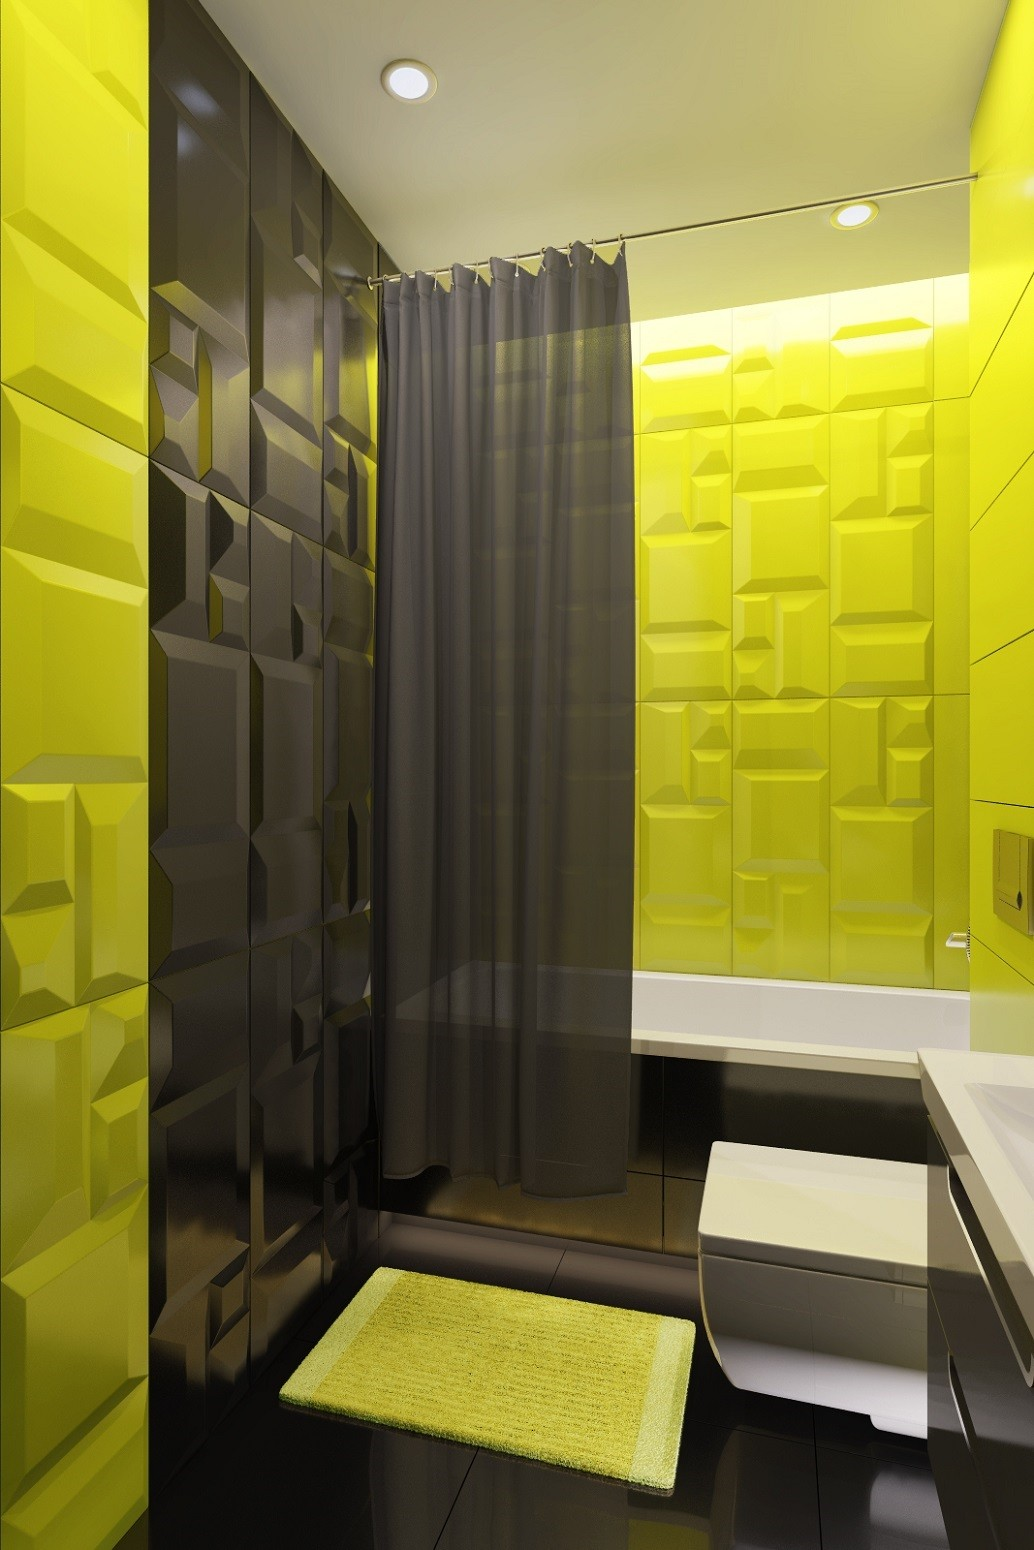 Заказать дизайн ваннй комнаты